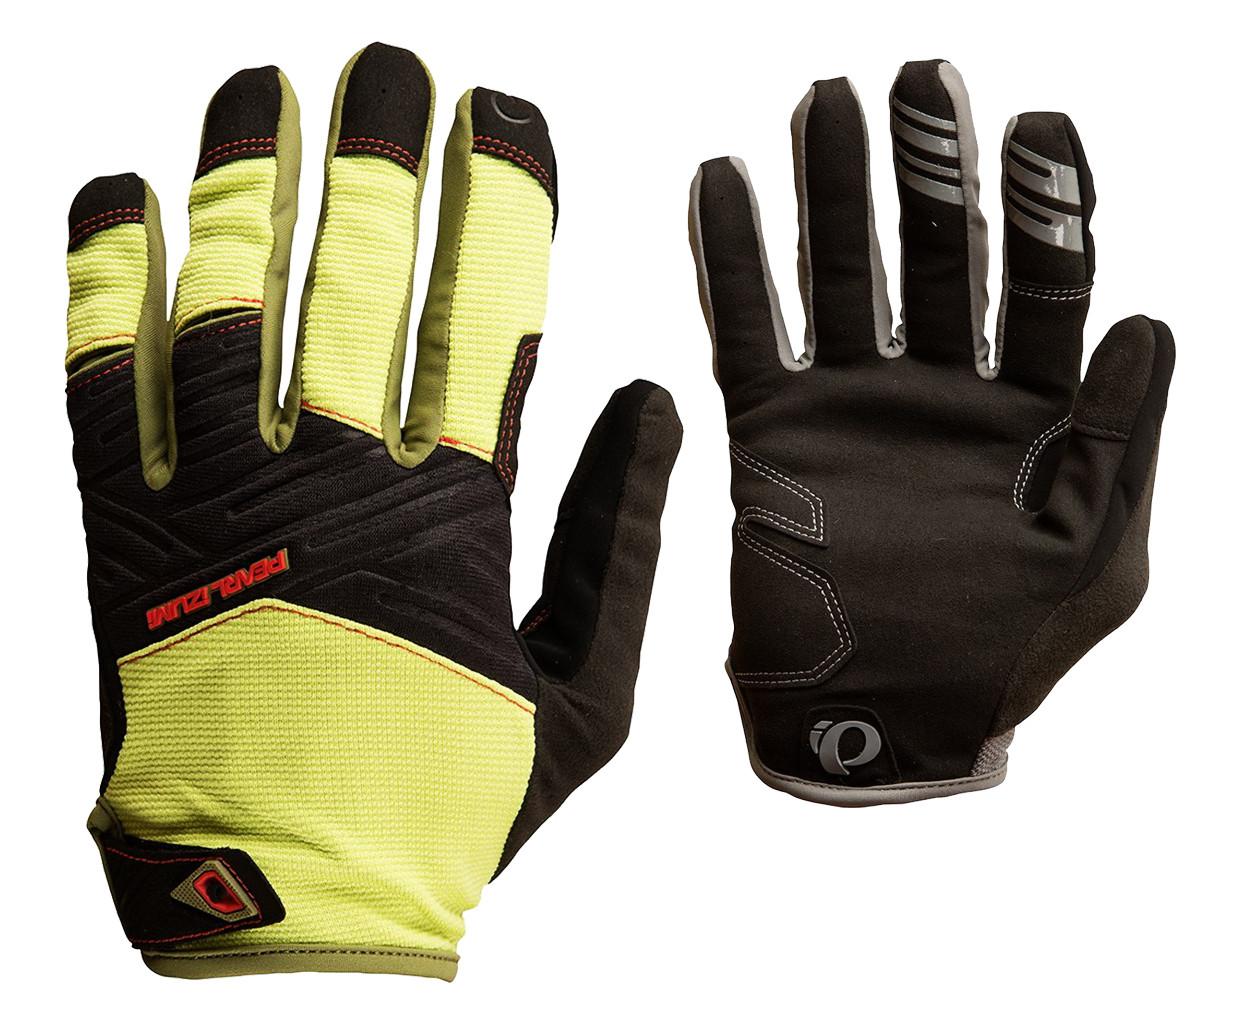 Перчатки Pearl Izumi SUMMIT, чорн/жовт, розм. XL